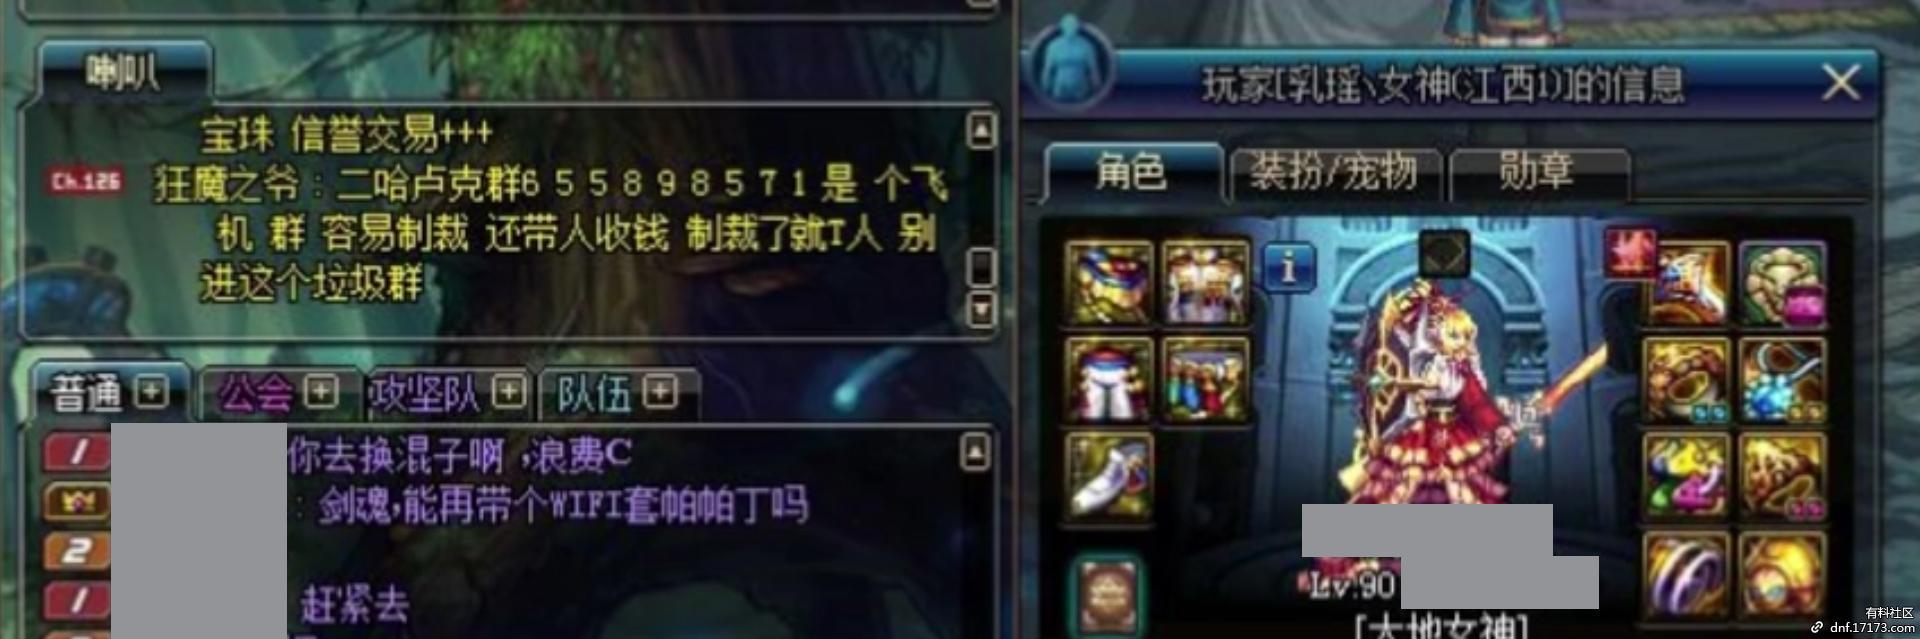 Screenshot_20181025-123423.jpg